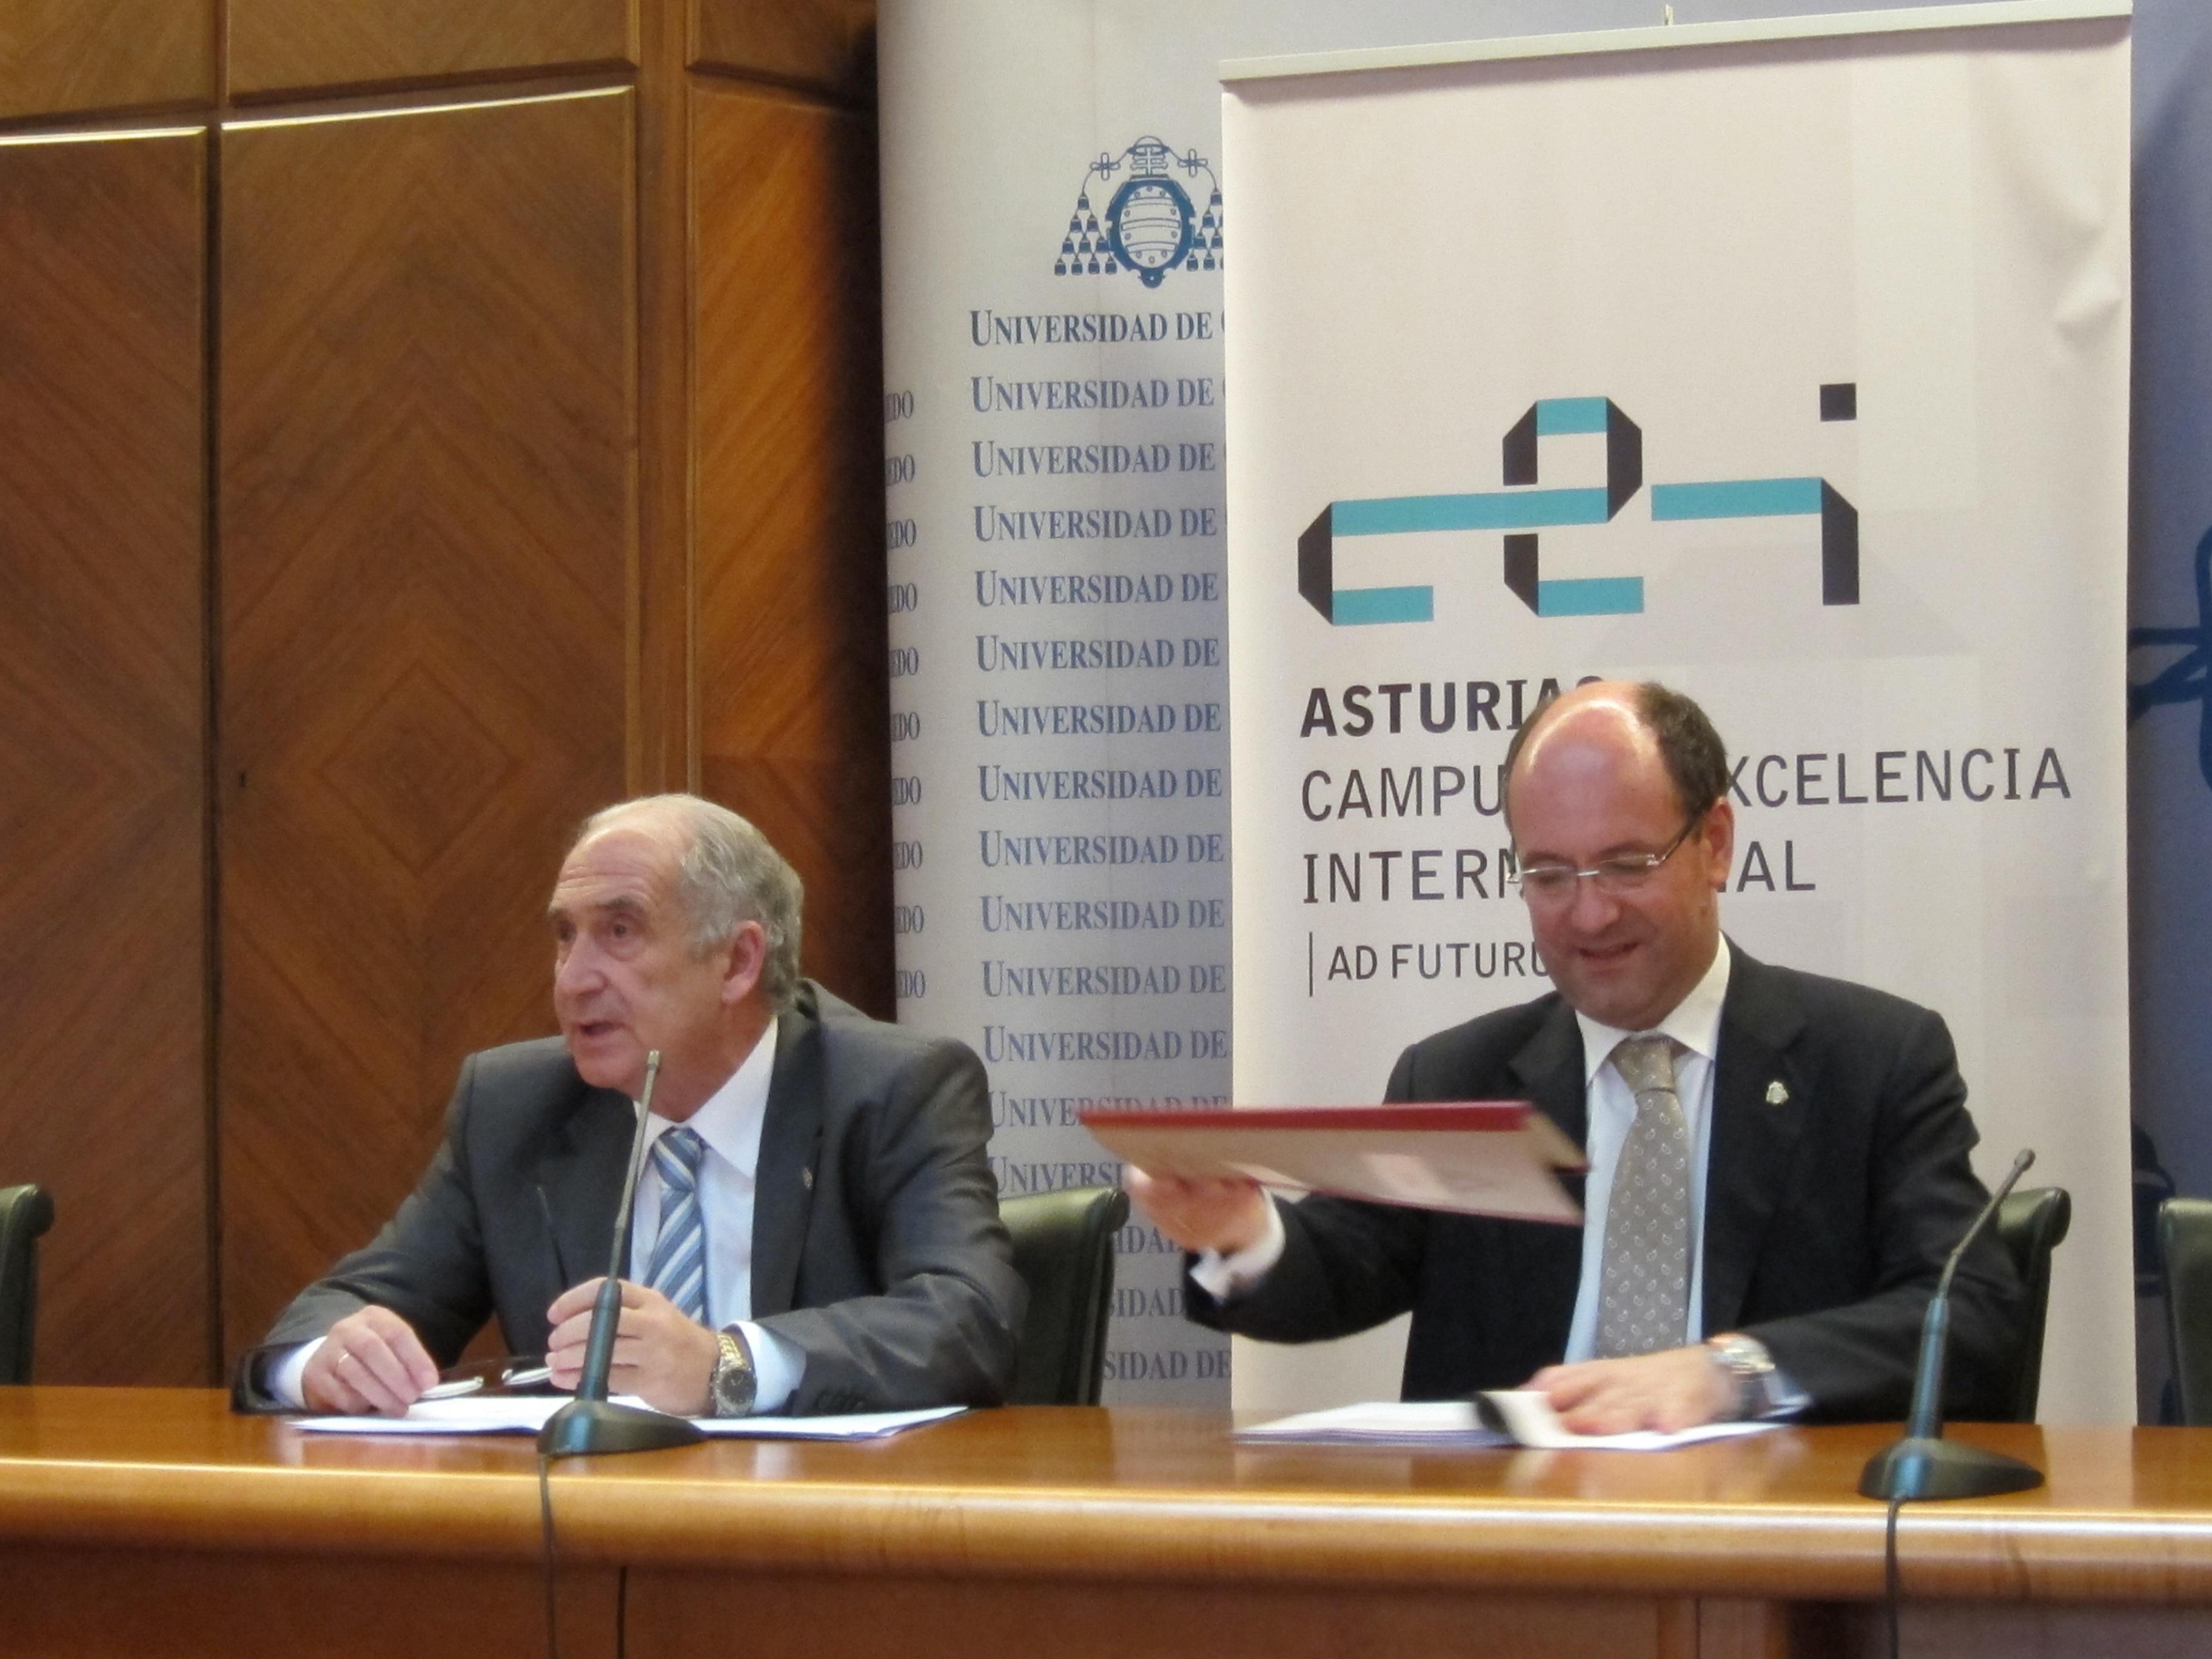 La Universidad de Oviedo recortará las becas en más de un 20% para el próximo curso